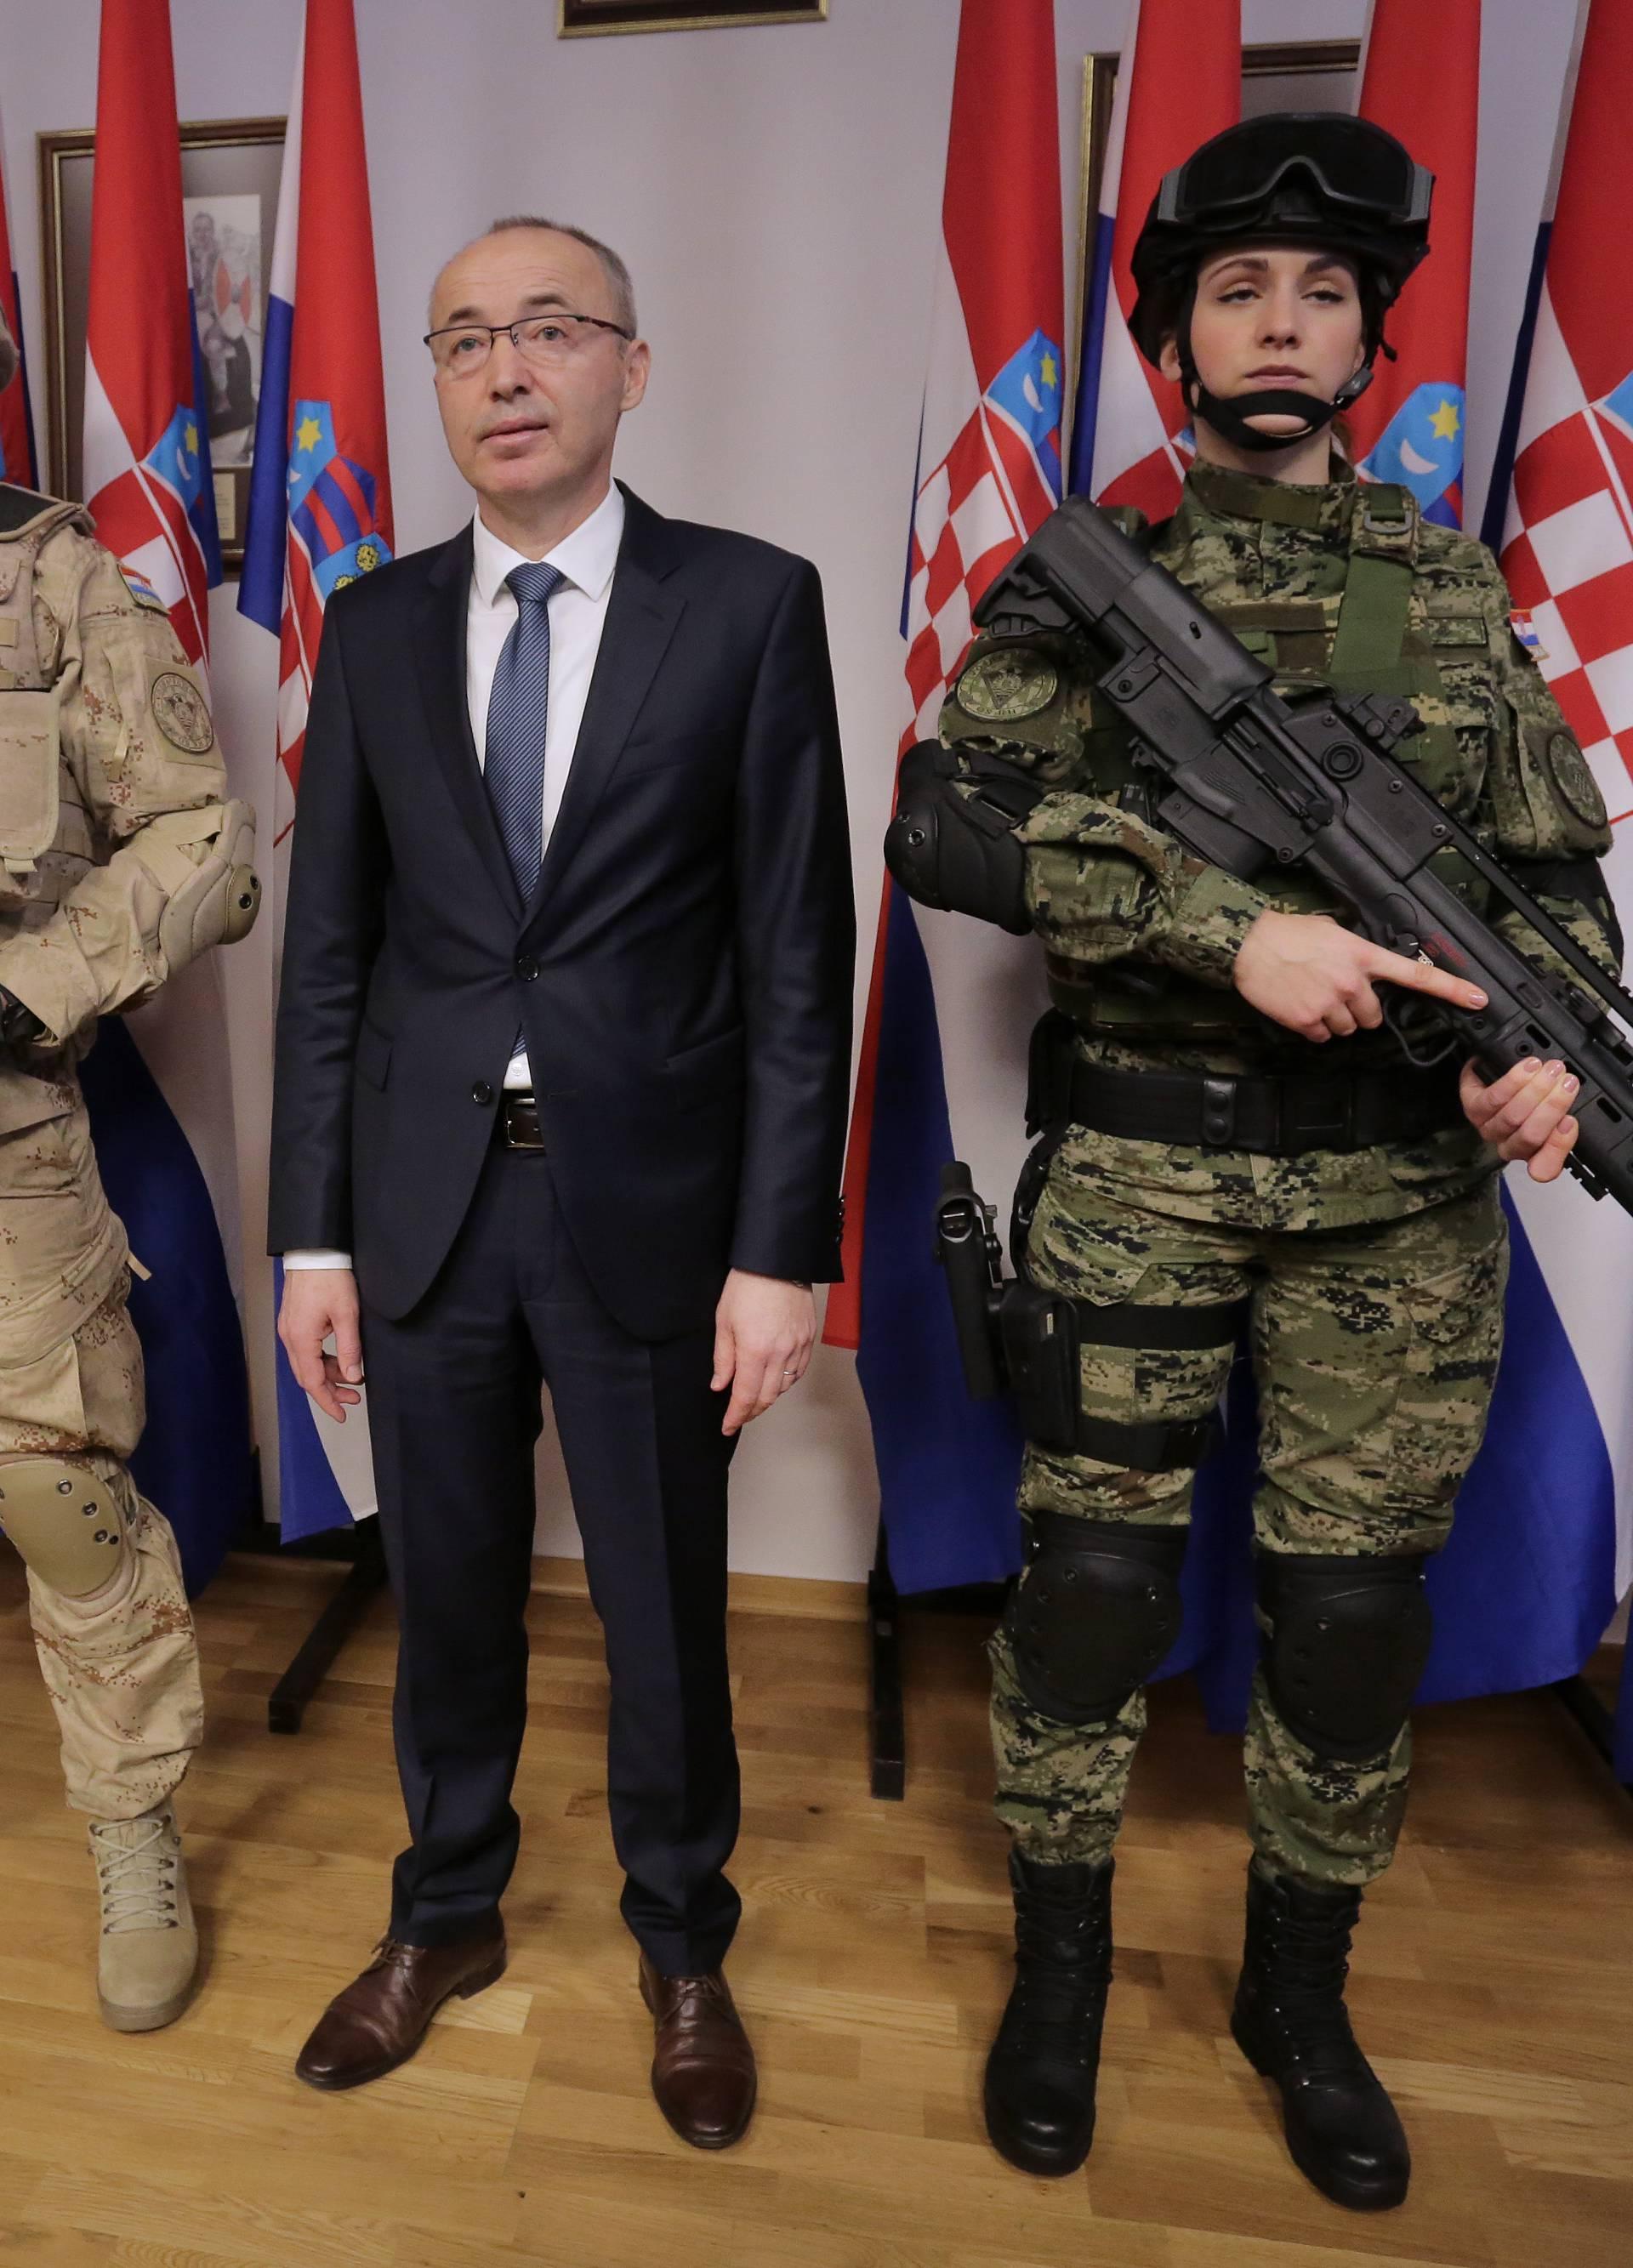 Zagreb: Potpisivanje ugovora o nabavi vojne opreme u MORH-u